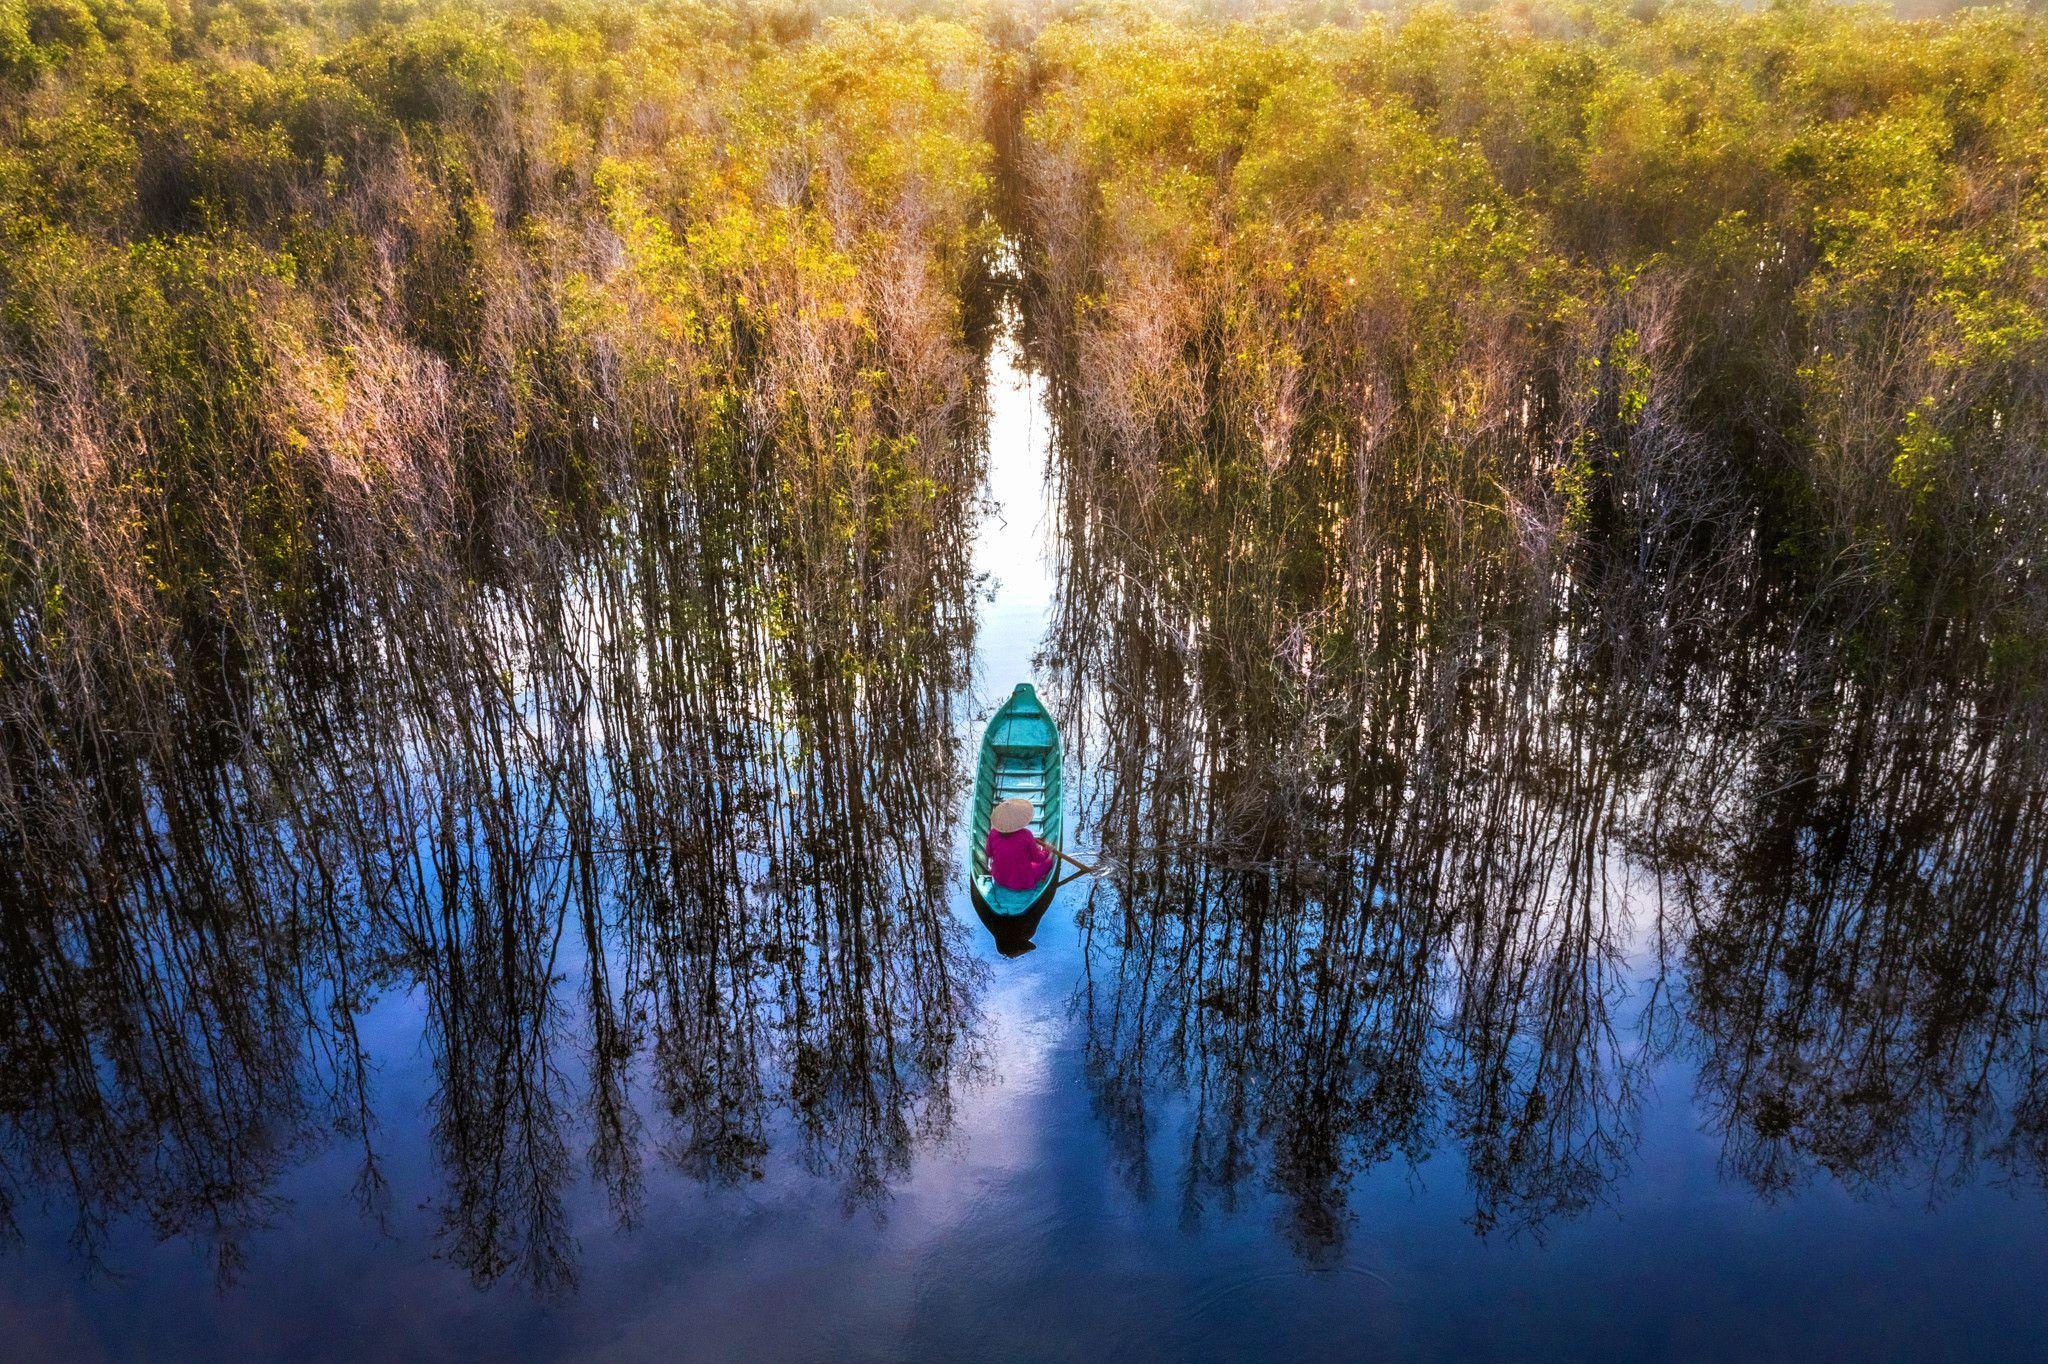 Du lịch Việt Nam vào tháng 2 nêm tham quan những địa danh nào?